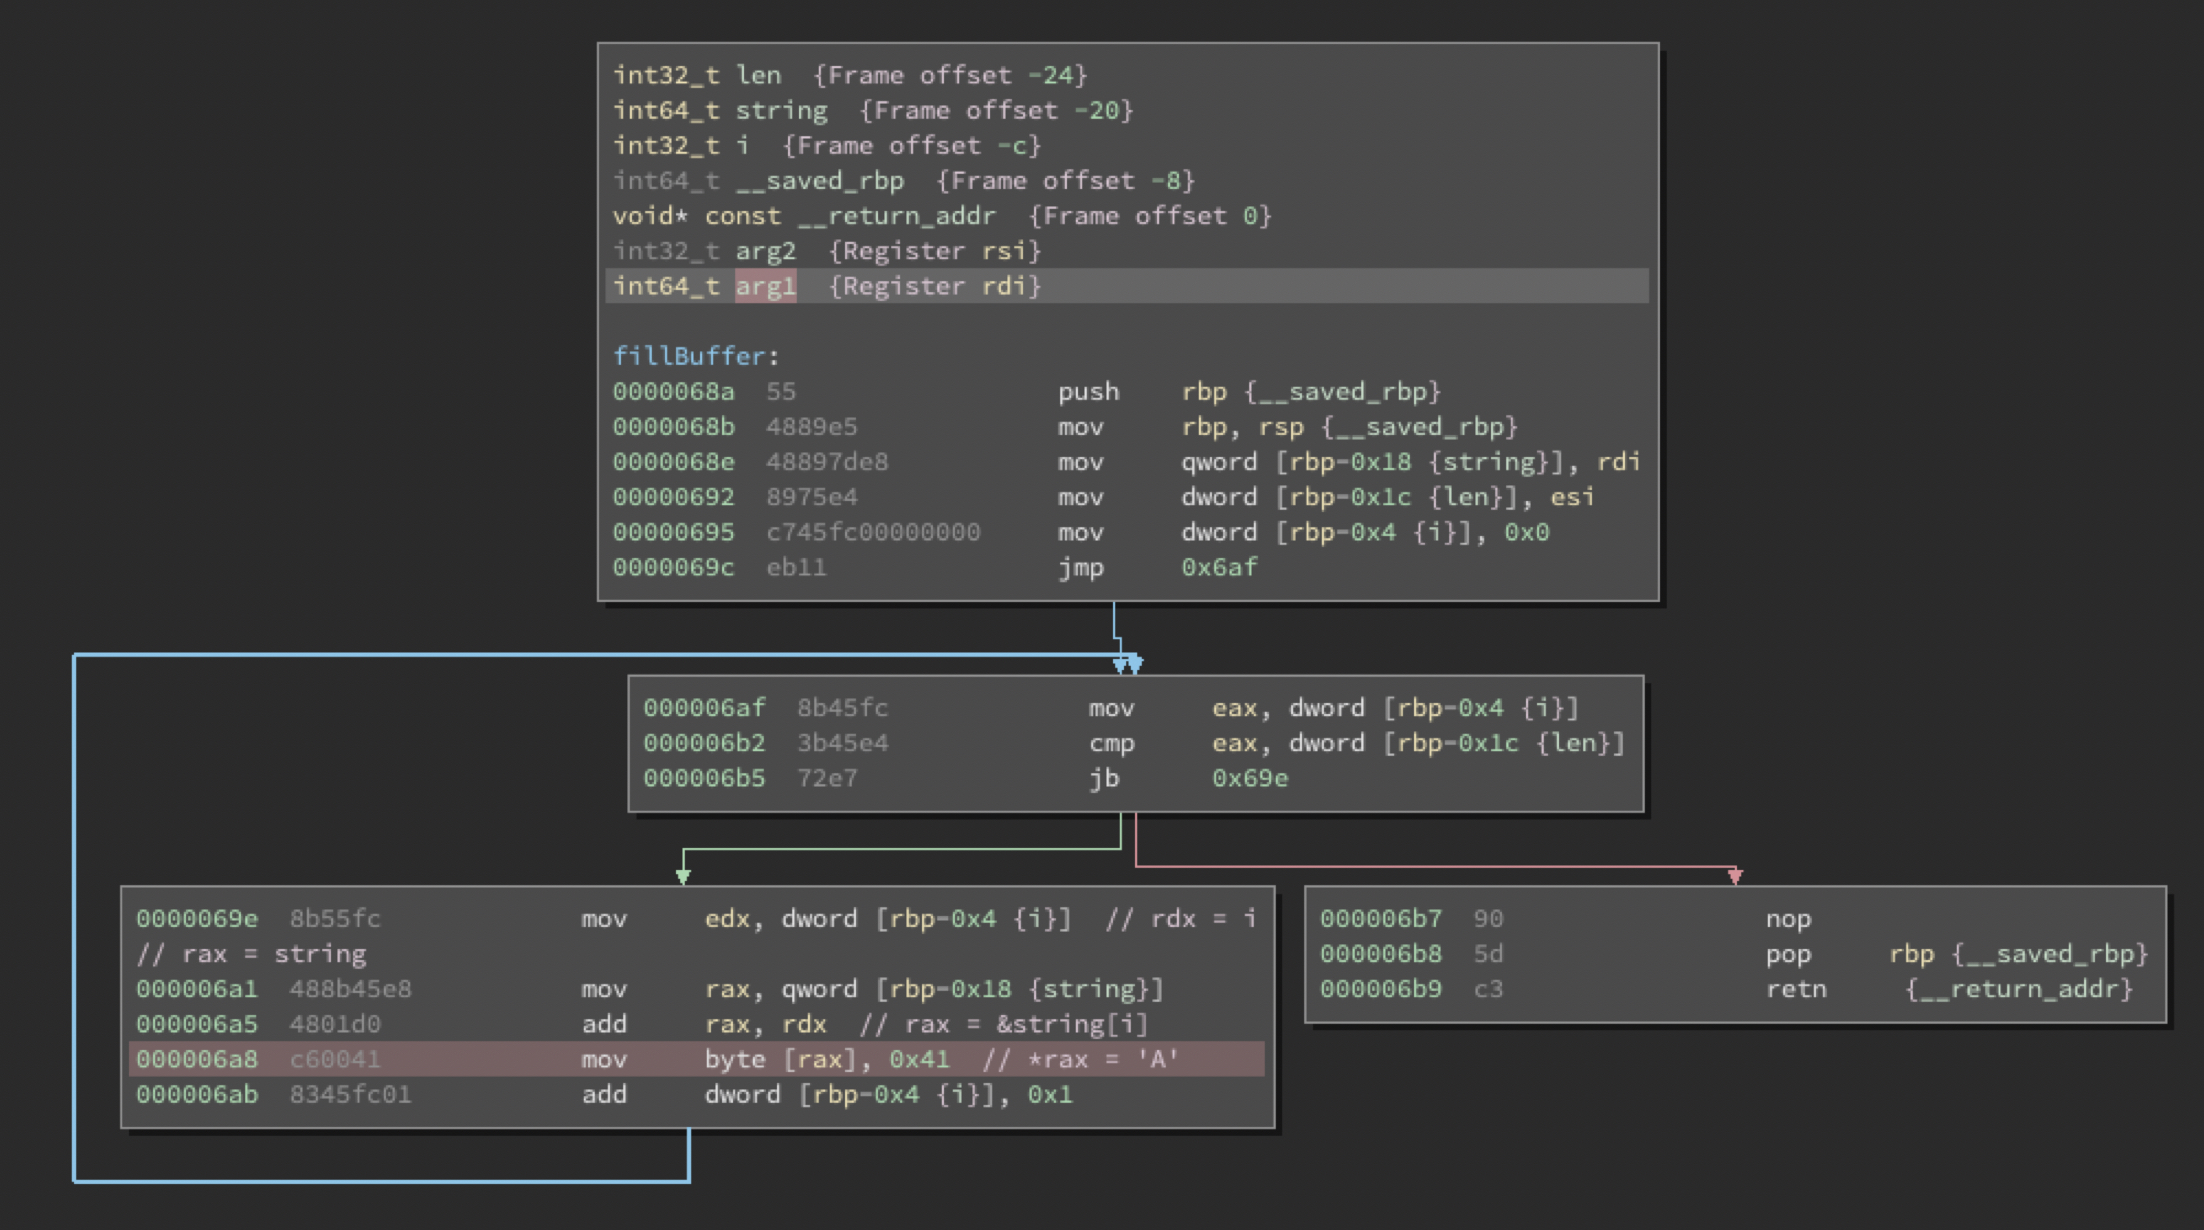 Reverse Taint Analysis Using Binary Ninja